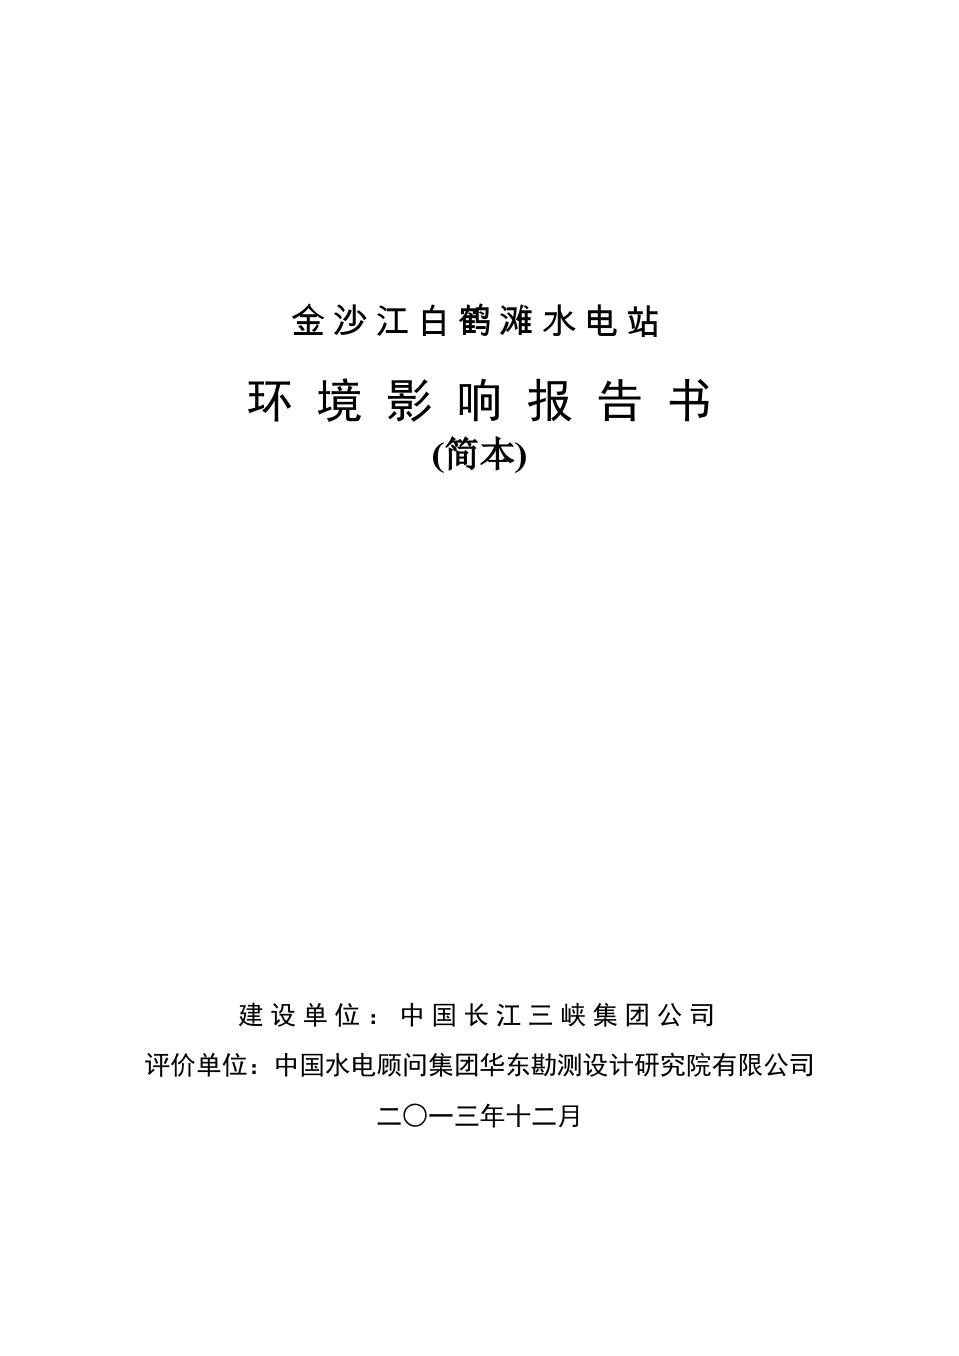 白鹤滩环评报告_word文档在线阅读与下载_文档网